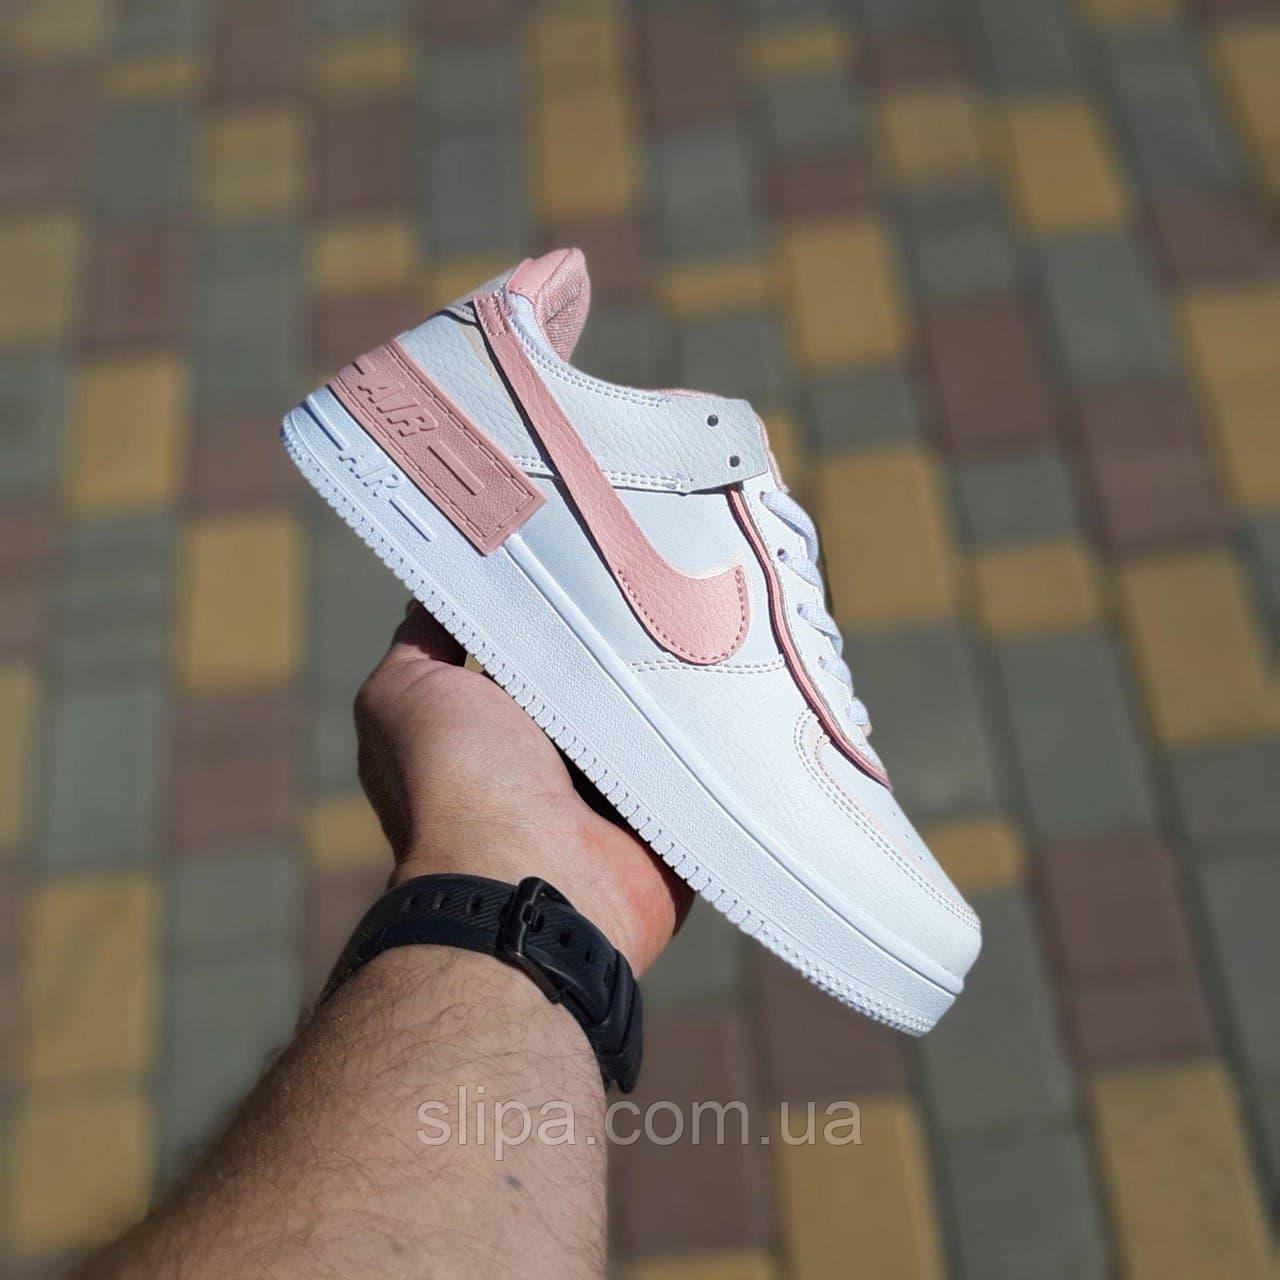 Жіночі шкіряні кросівки в стилі Nike Air Force 1 білі з рожевим